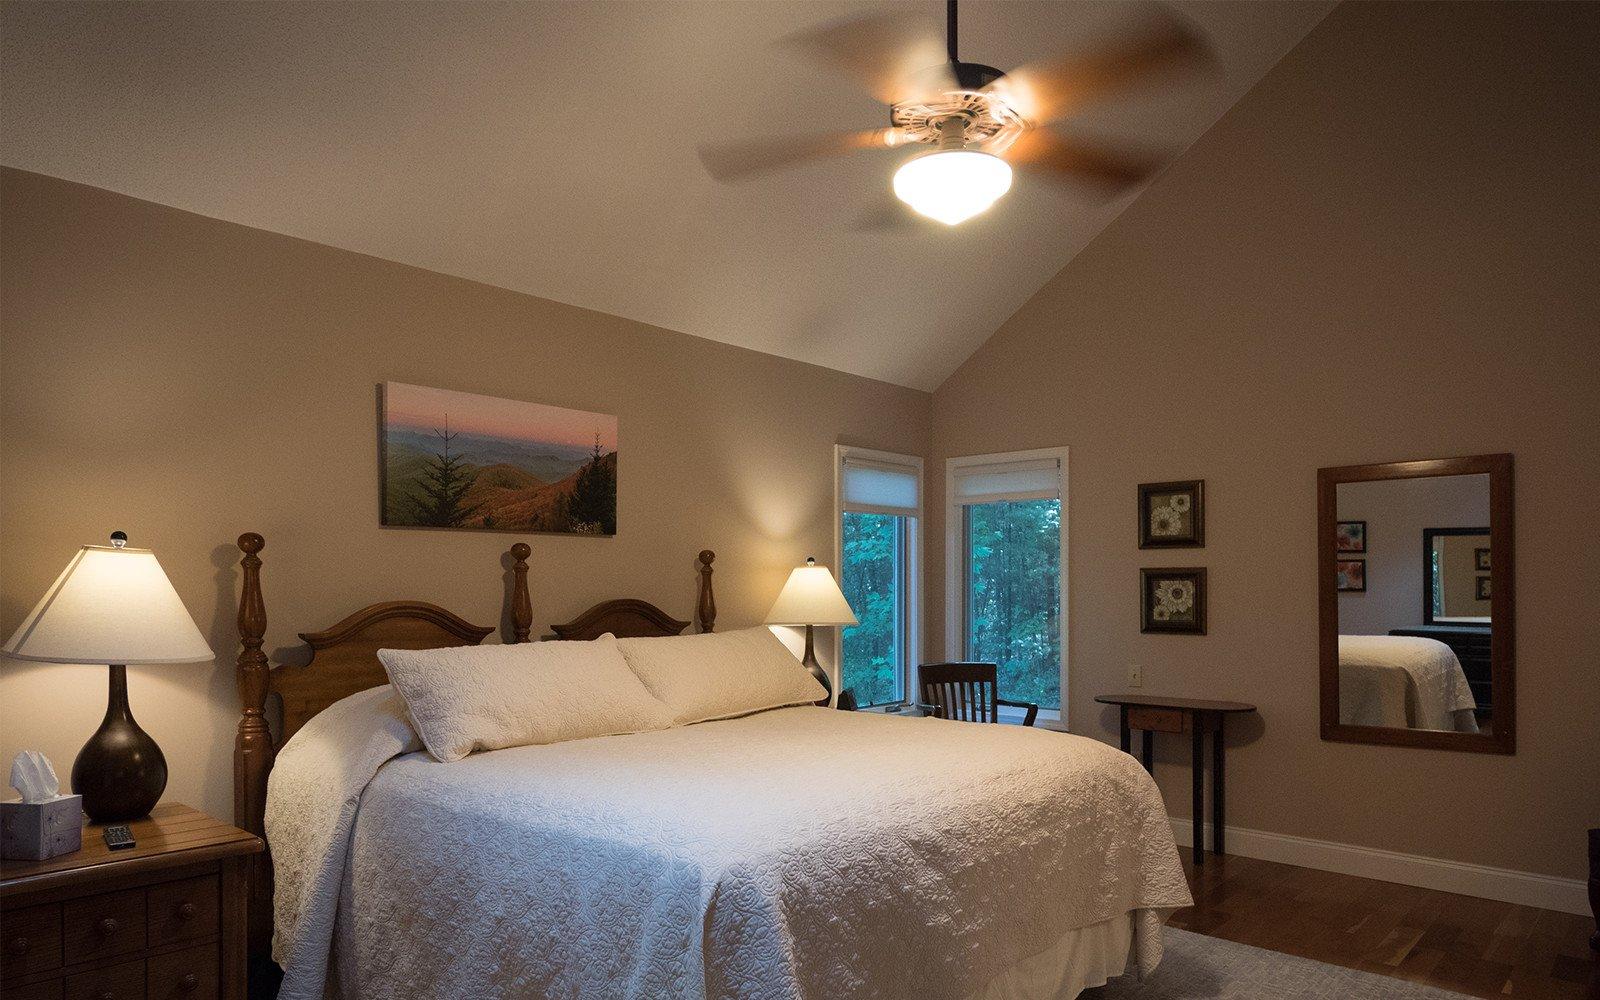 Hilt Street house Master bedroom King